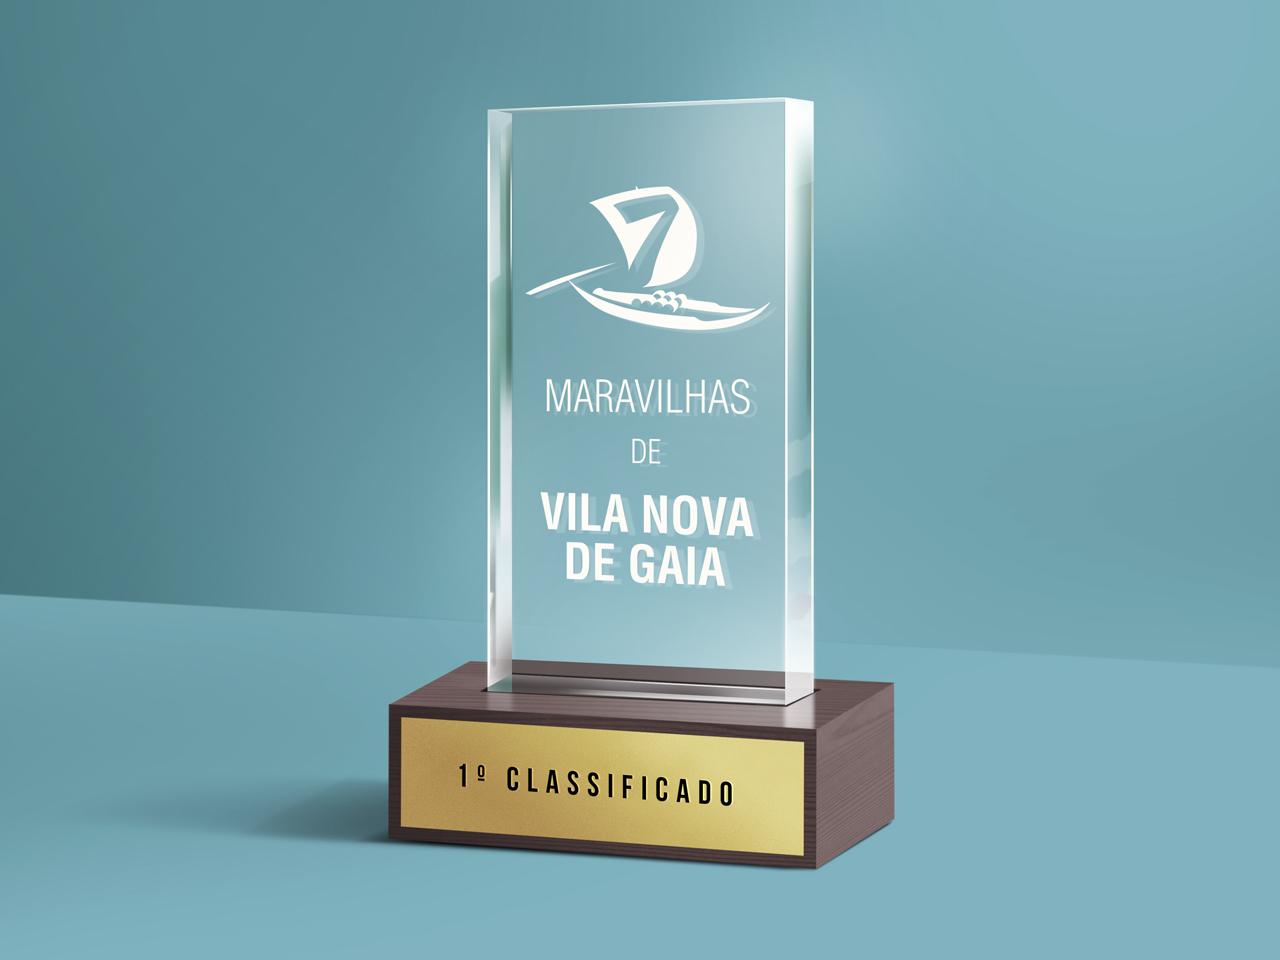 7_Maravilhas_Glass-Trophy-Mockup_